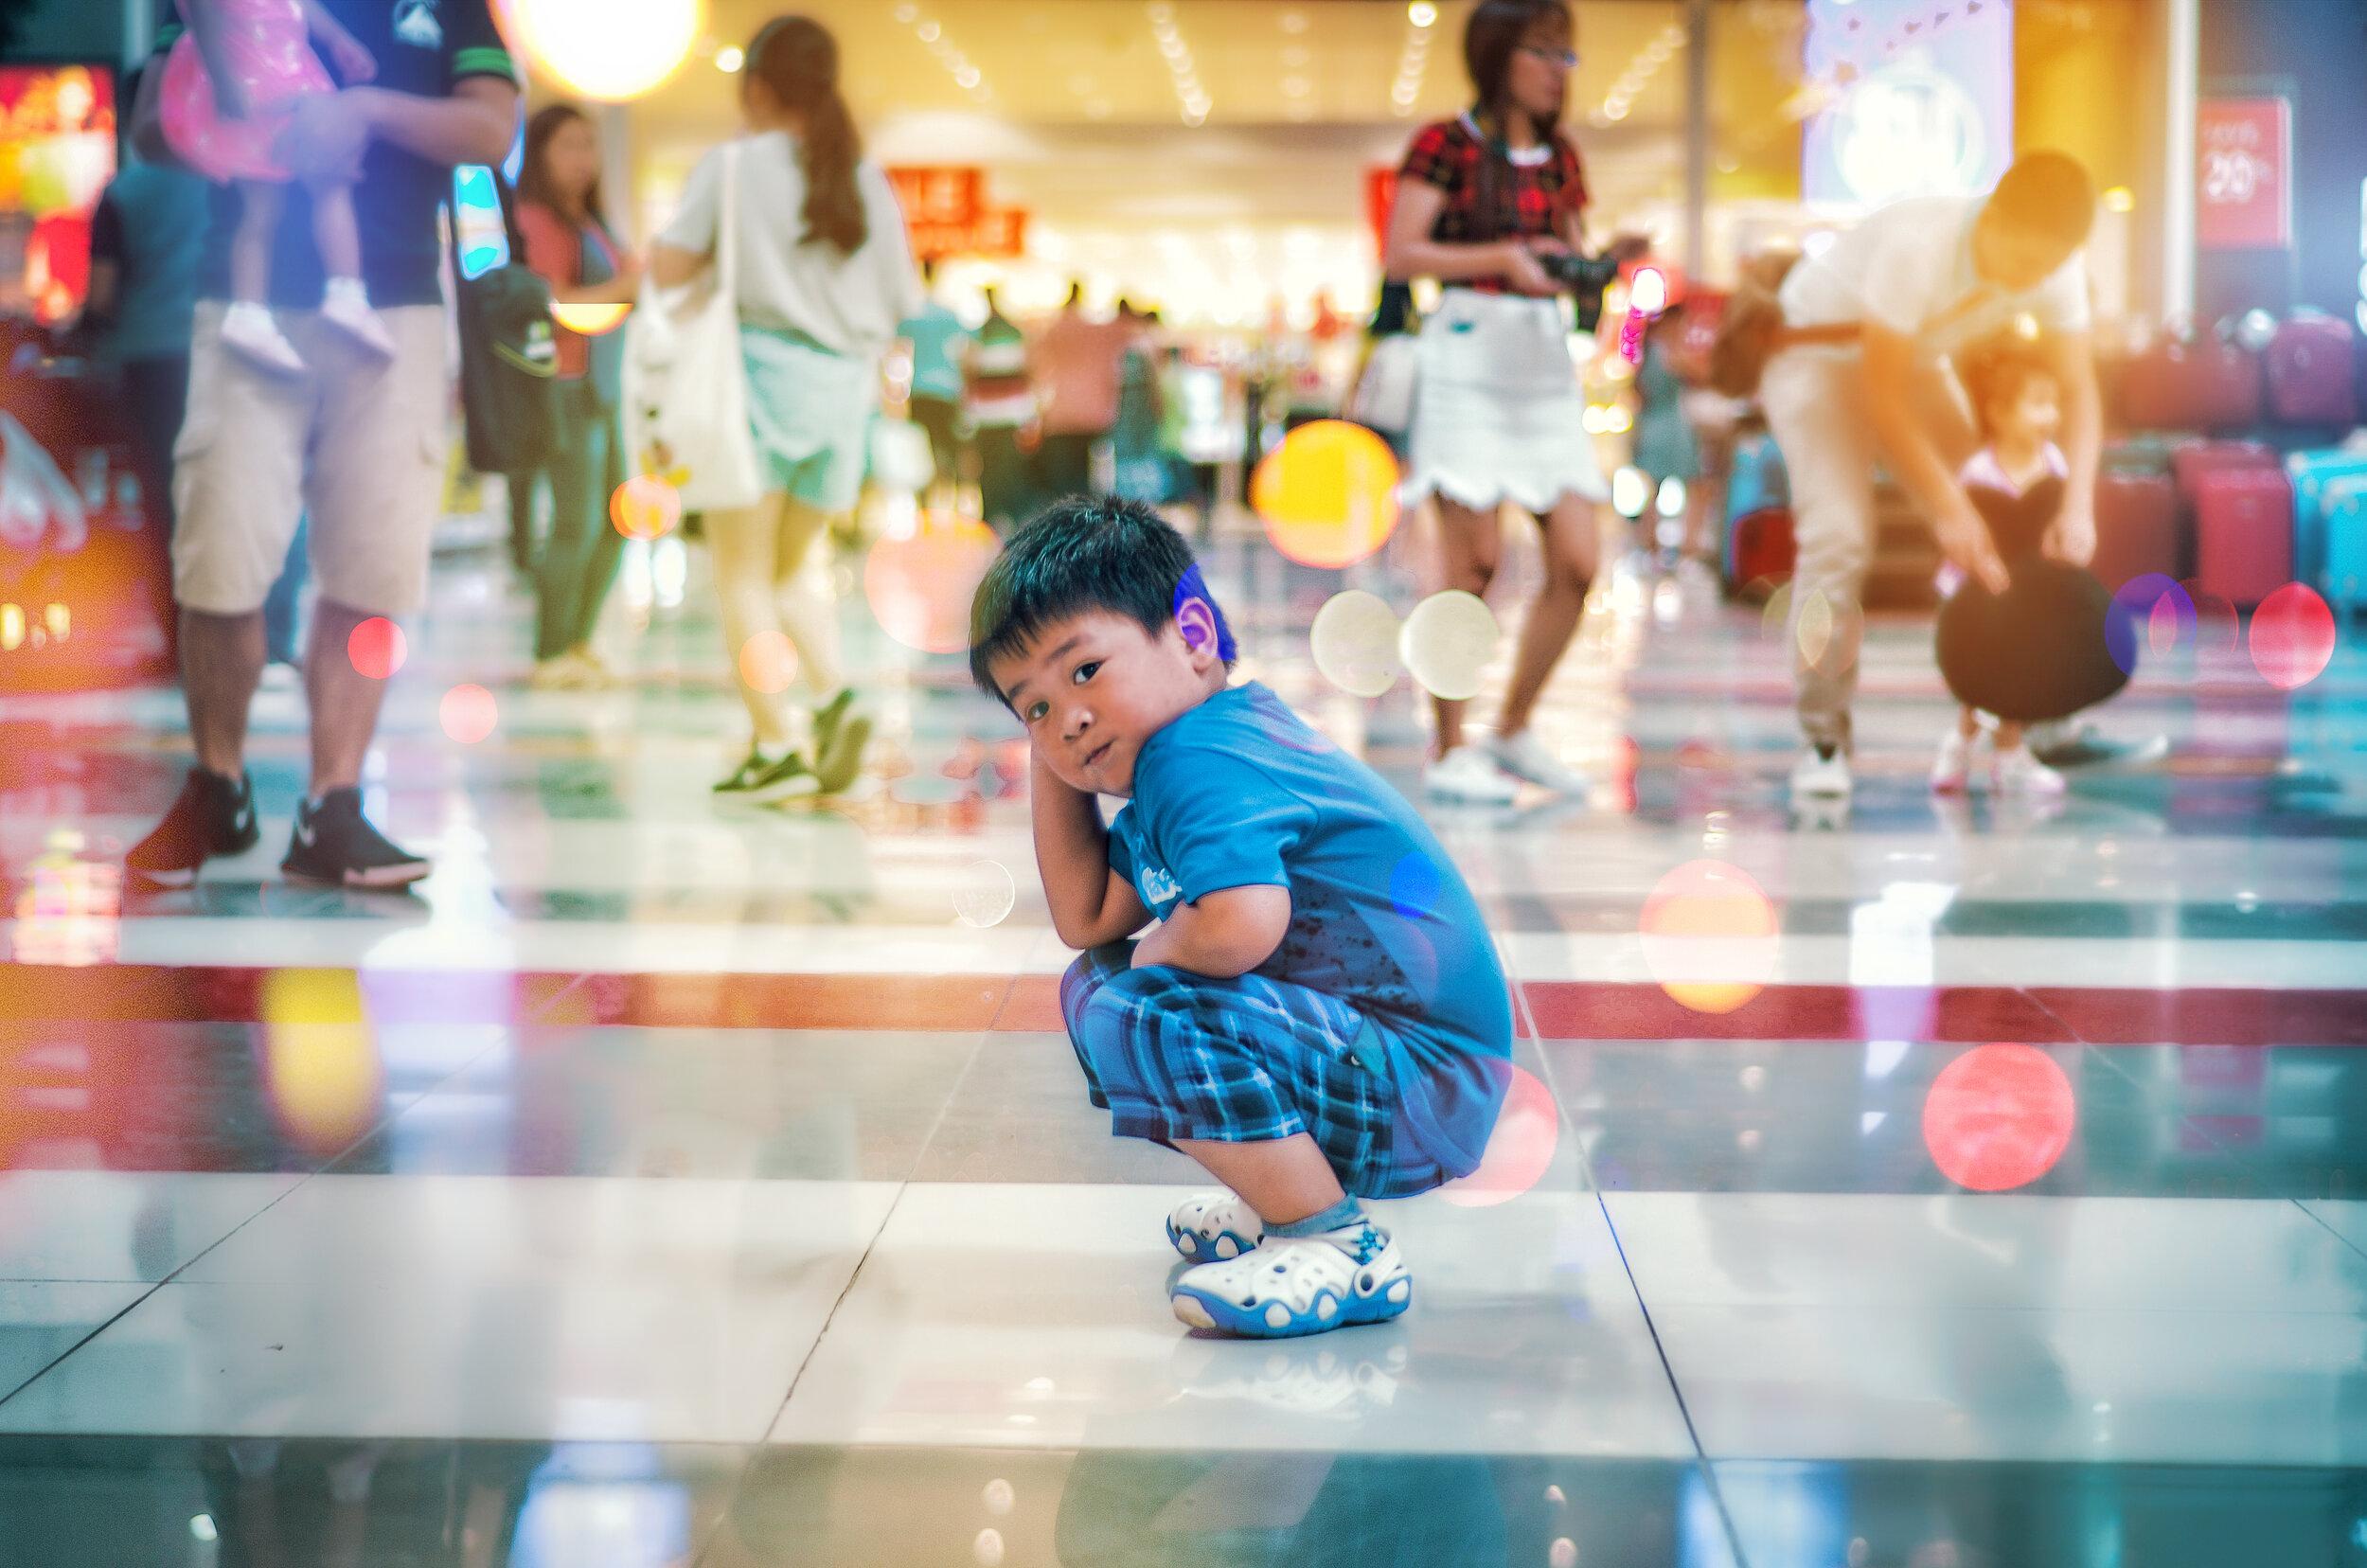 Canva - Boy Squating on White Floor Tile.jpg